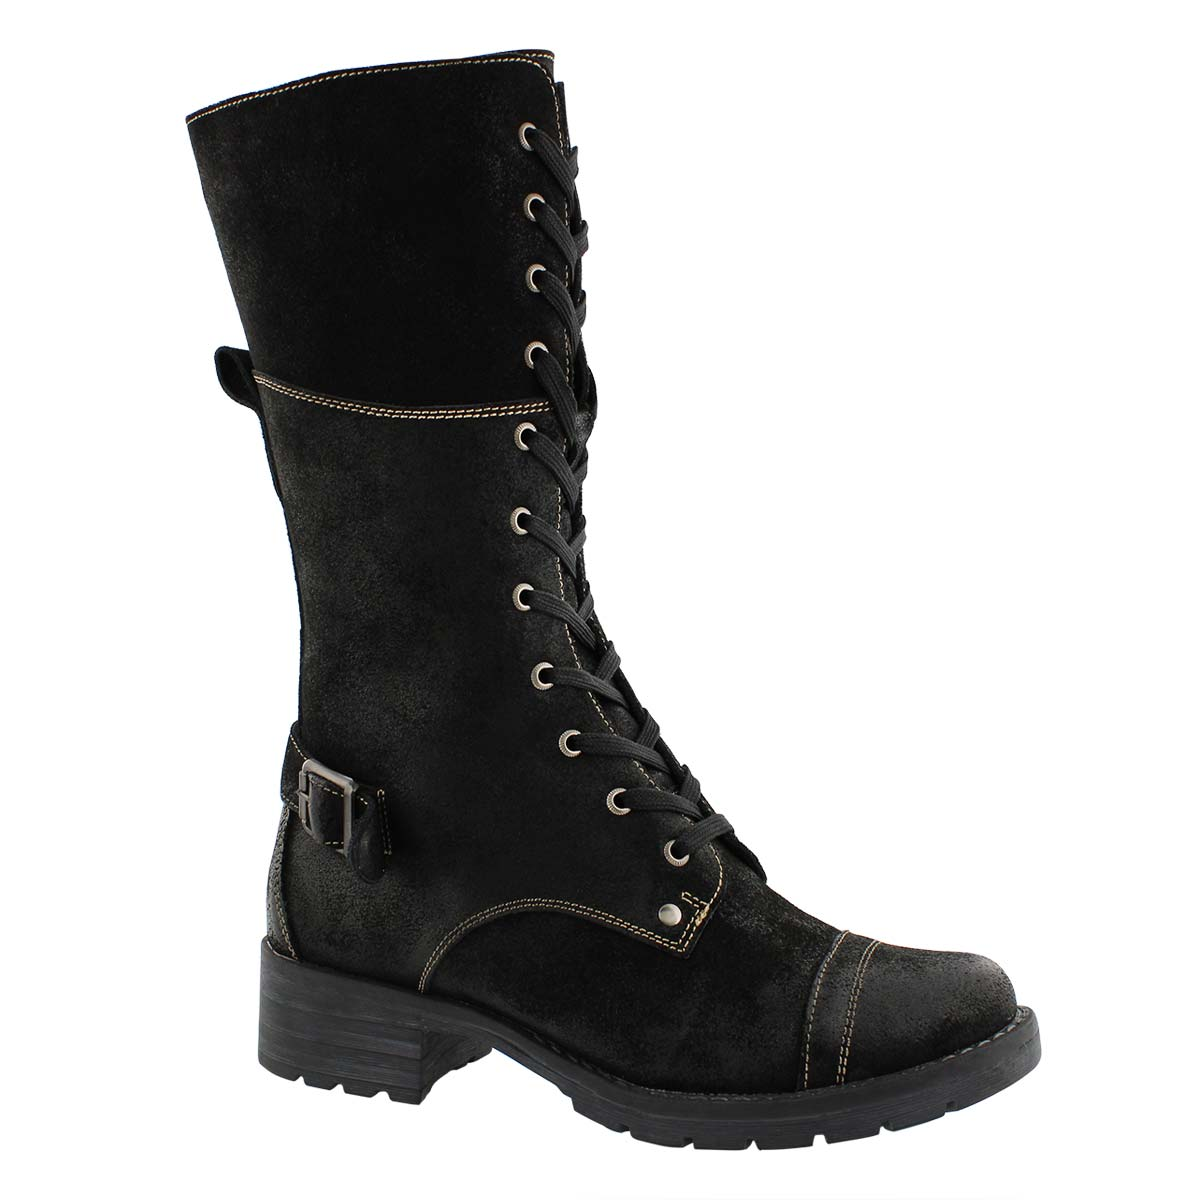 Lds Deedee Tall black combat boot